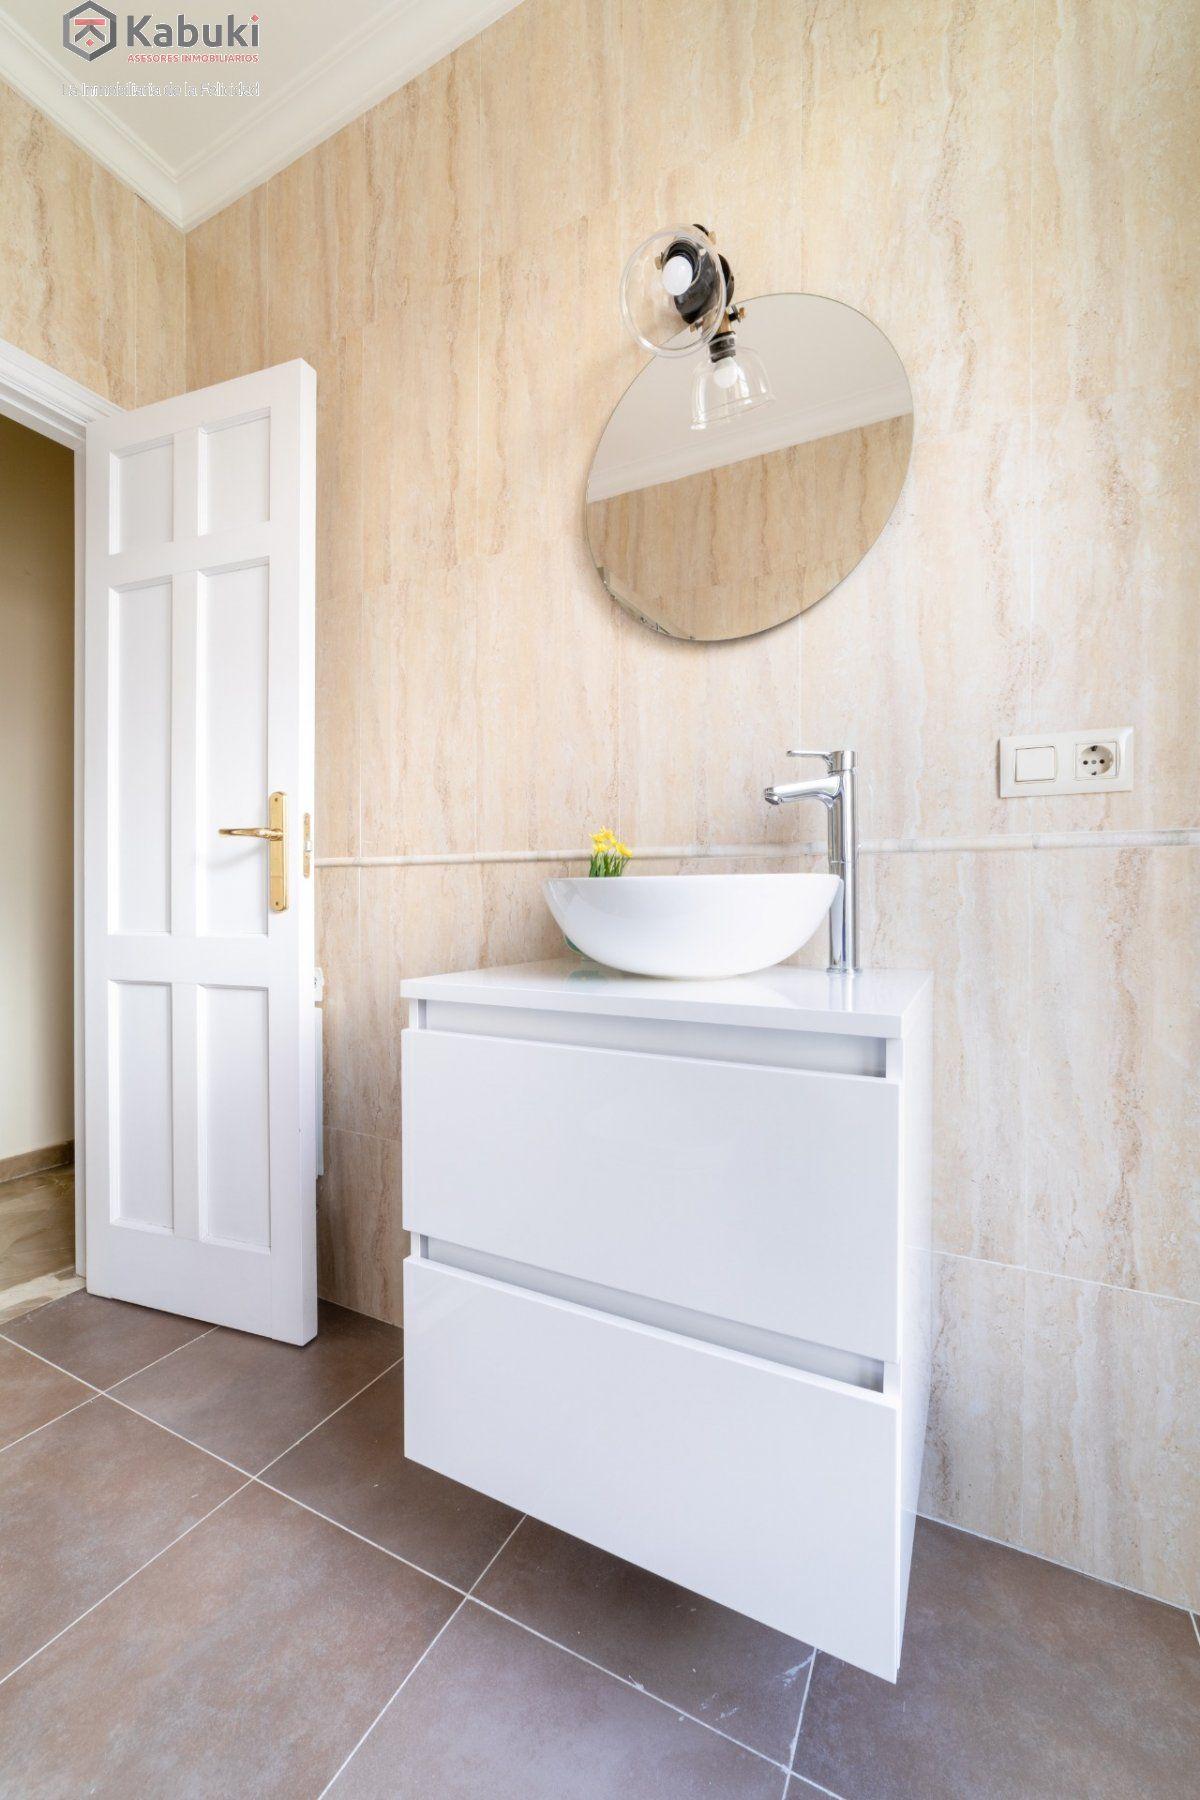 Magnífico inmueble de dos dormitorios en gran via. de estilo moderno, sentirás todo el con - imagenInmueble33